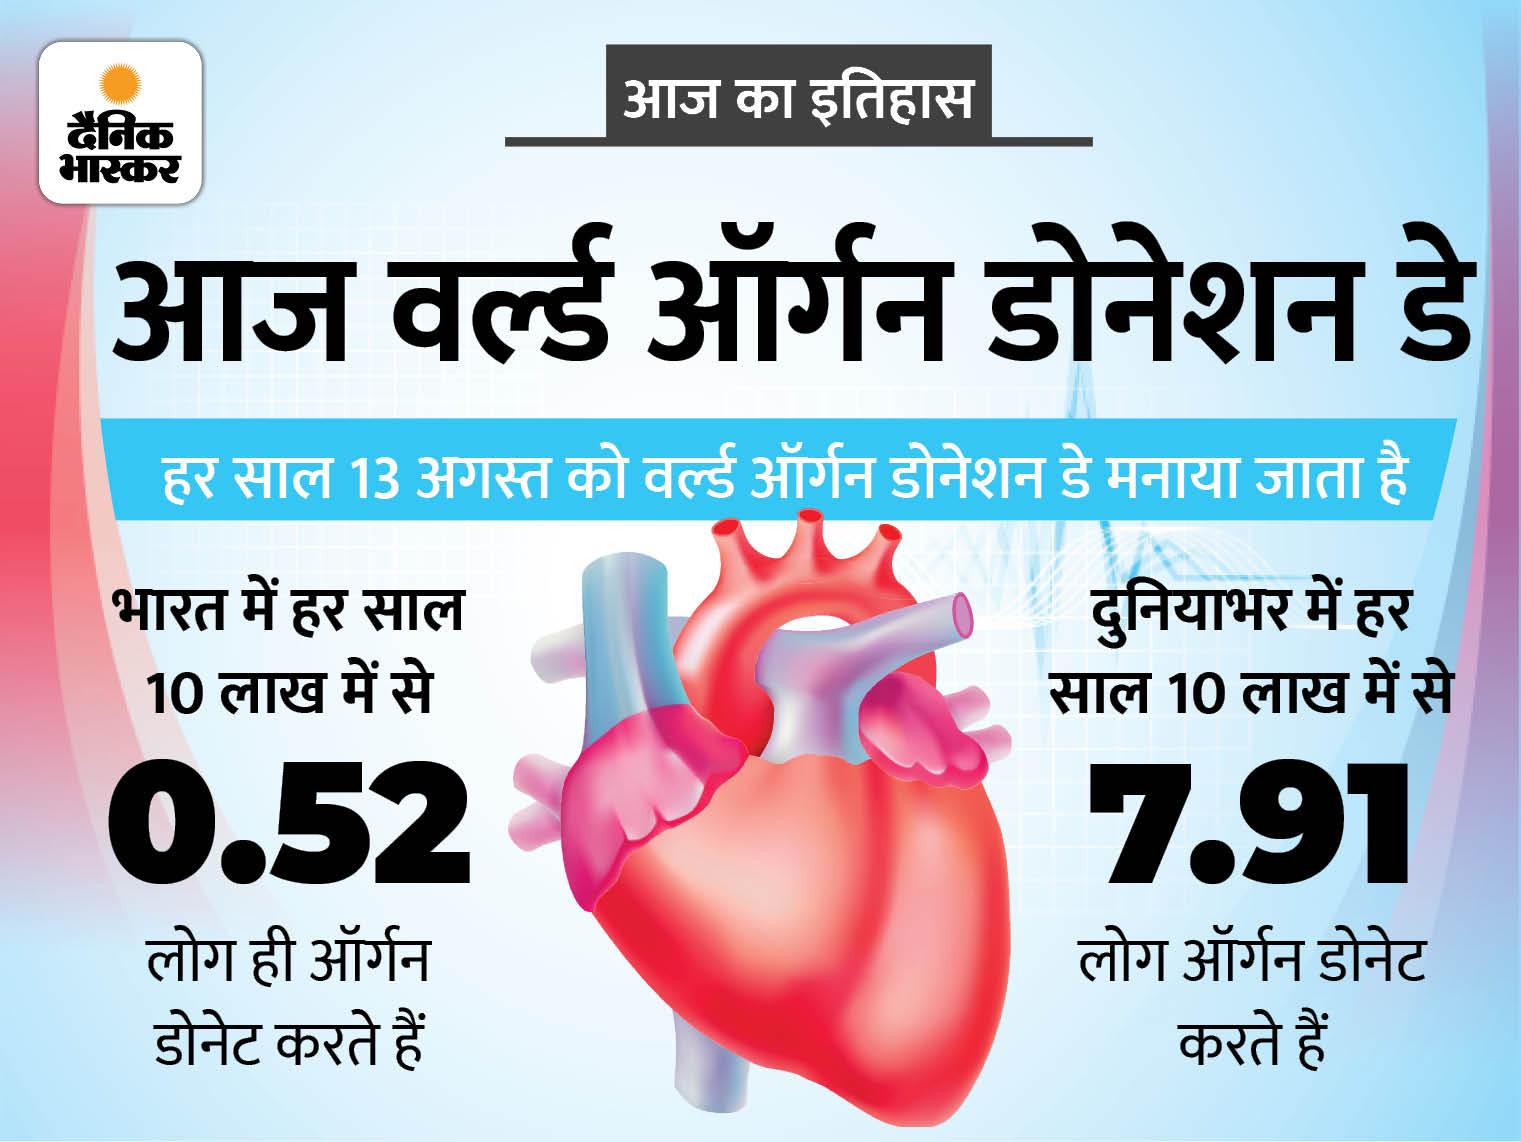 ऑर्गन डोनेशन डे आज: देश में हर साल 5 लाख लोगों की मौत समय पर ऑर्गन नहीं मिलने की वजह से होती है|देश,National - Dainik Bhaskar